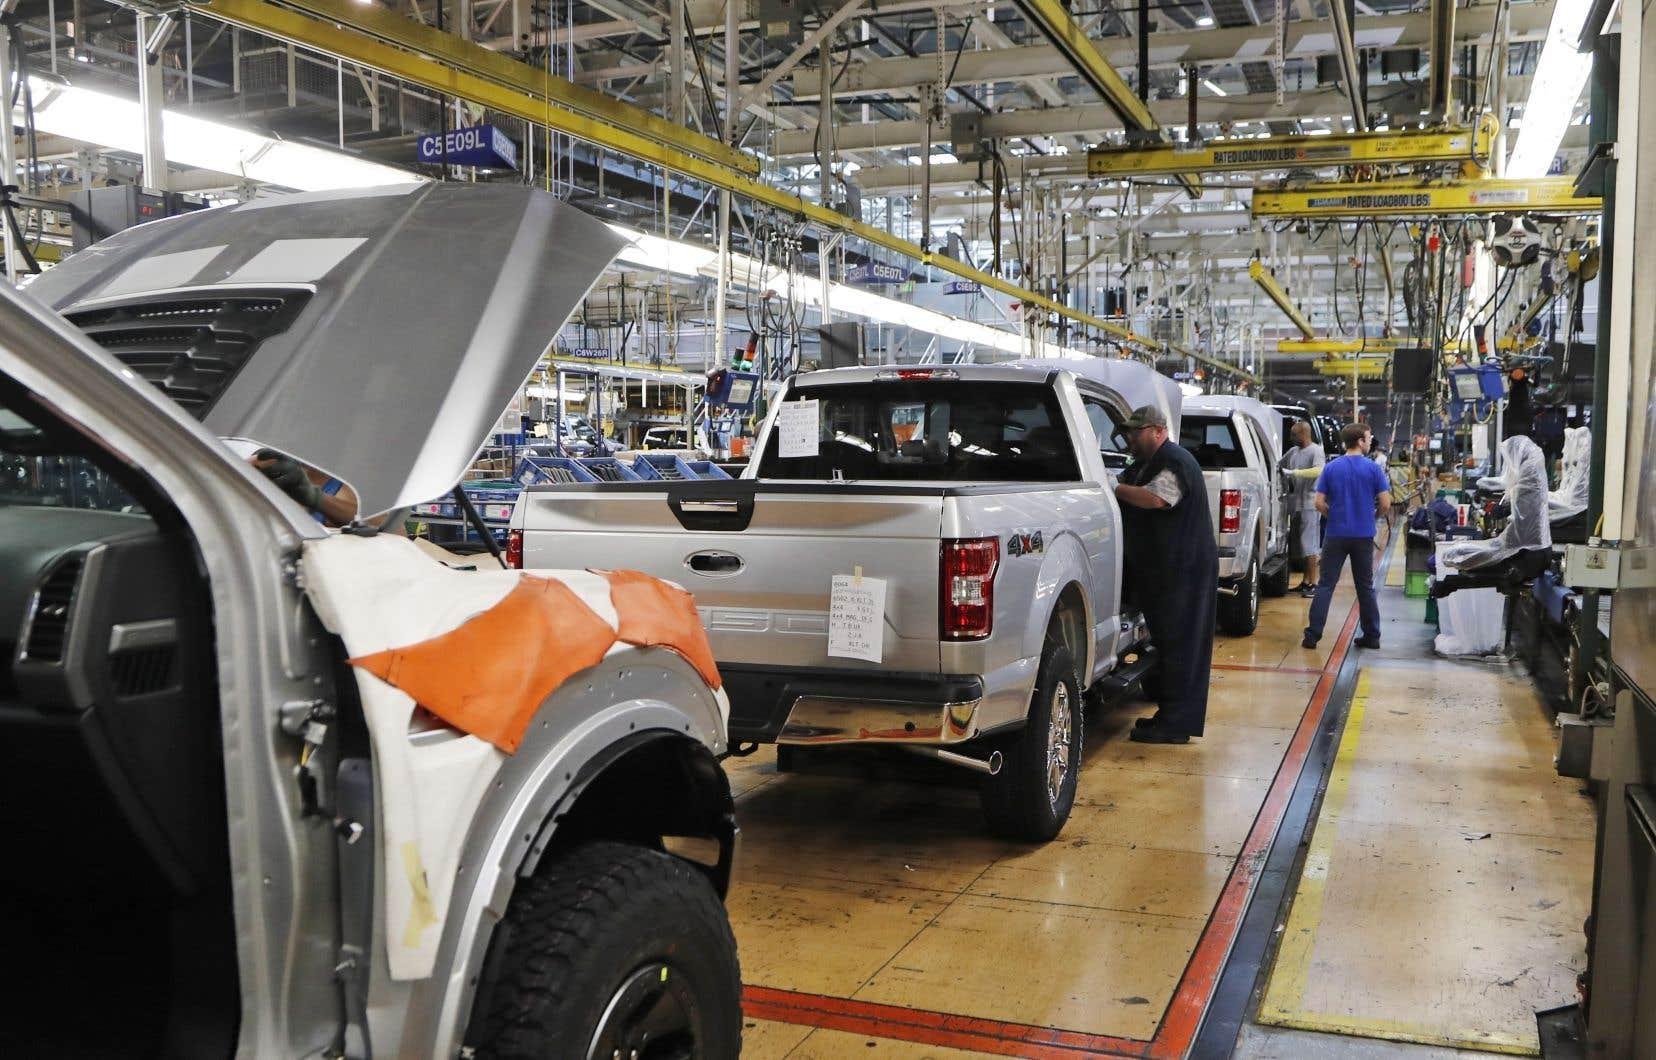 Ford explique réfléchir à de meilleurs moyens pour limiter le déclin des ventes de voitures dû, selon lui, à la décision du gouvernement fédéral de limiter les voyages à l'international et les contacts entre personnes.